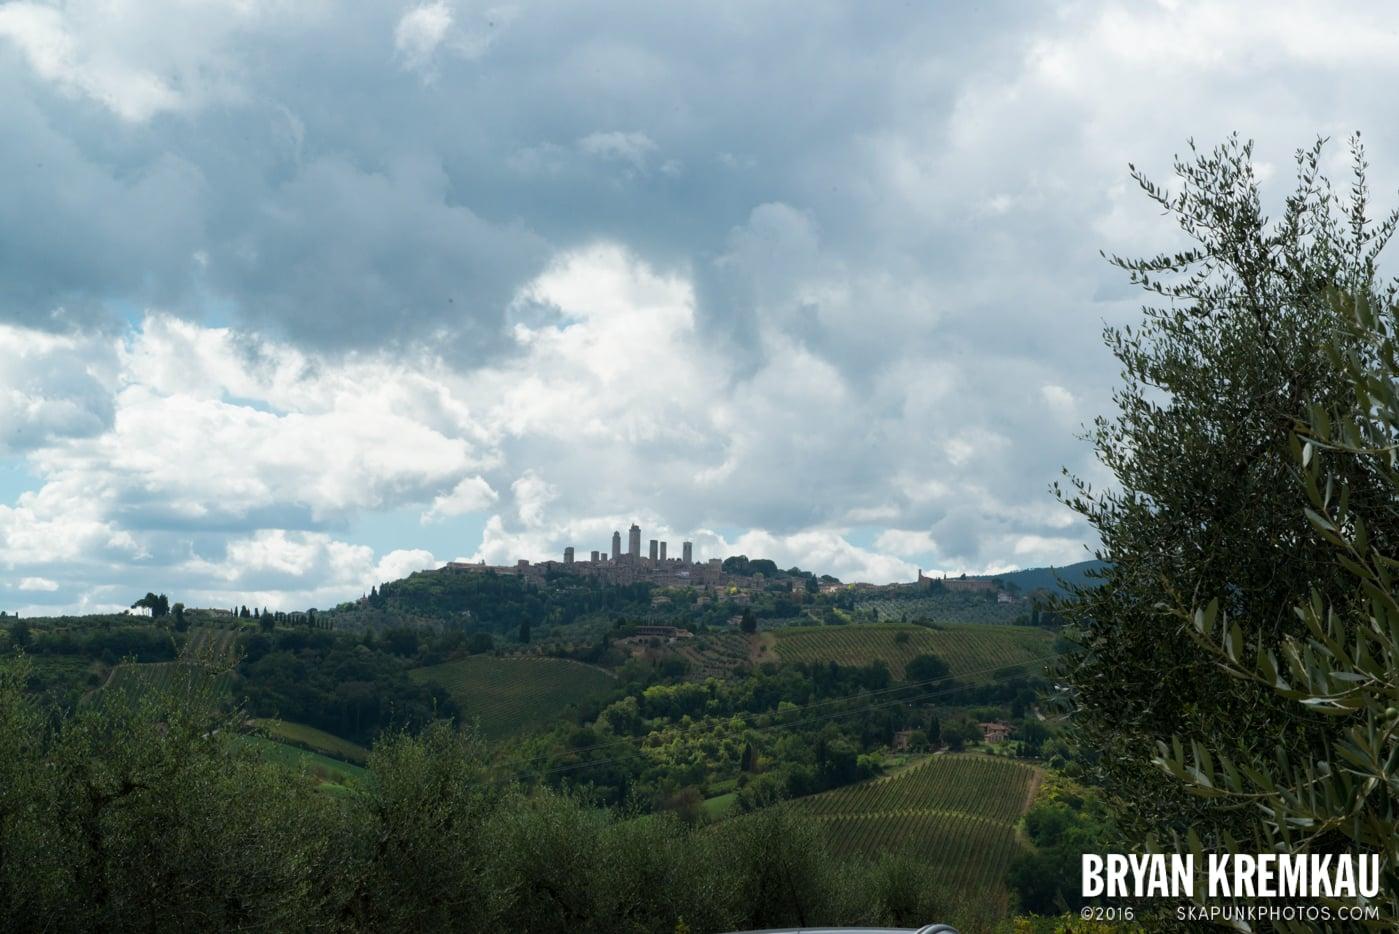 Italy Vacation - Day 8: Siena, San Gimignano, Chianti, Pisa - 9.16.13 (98)